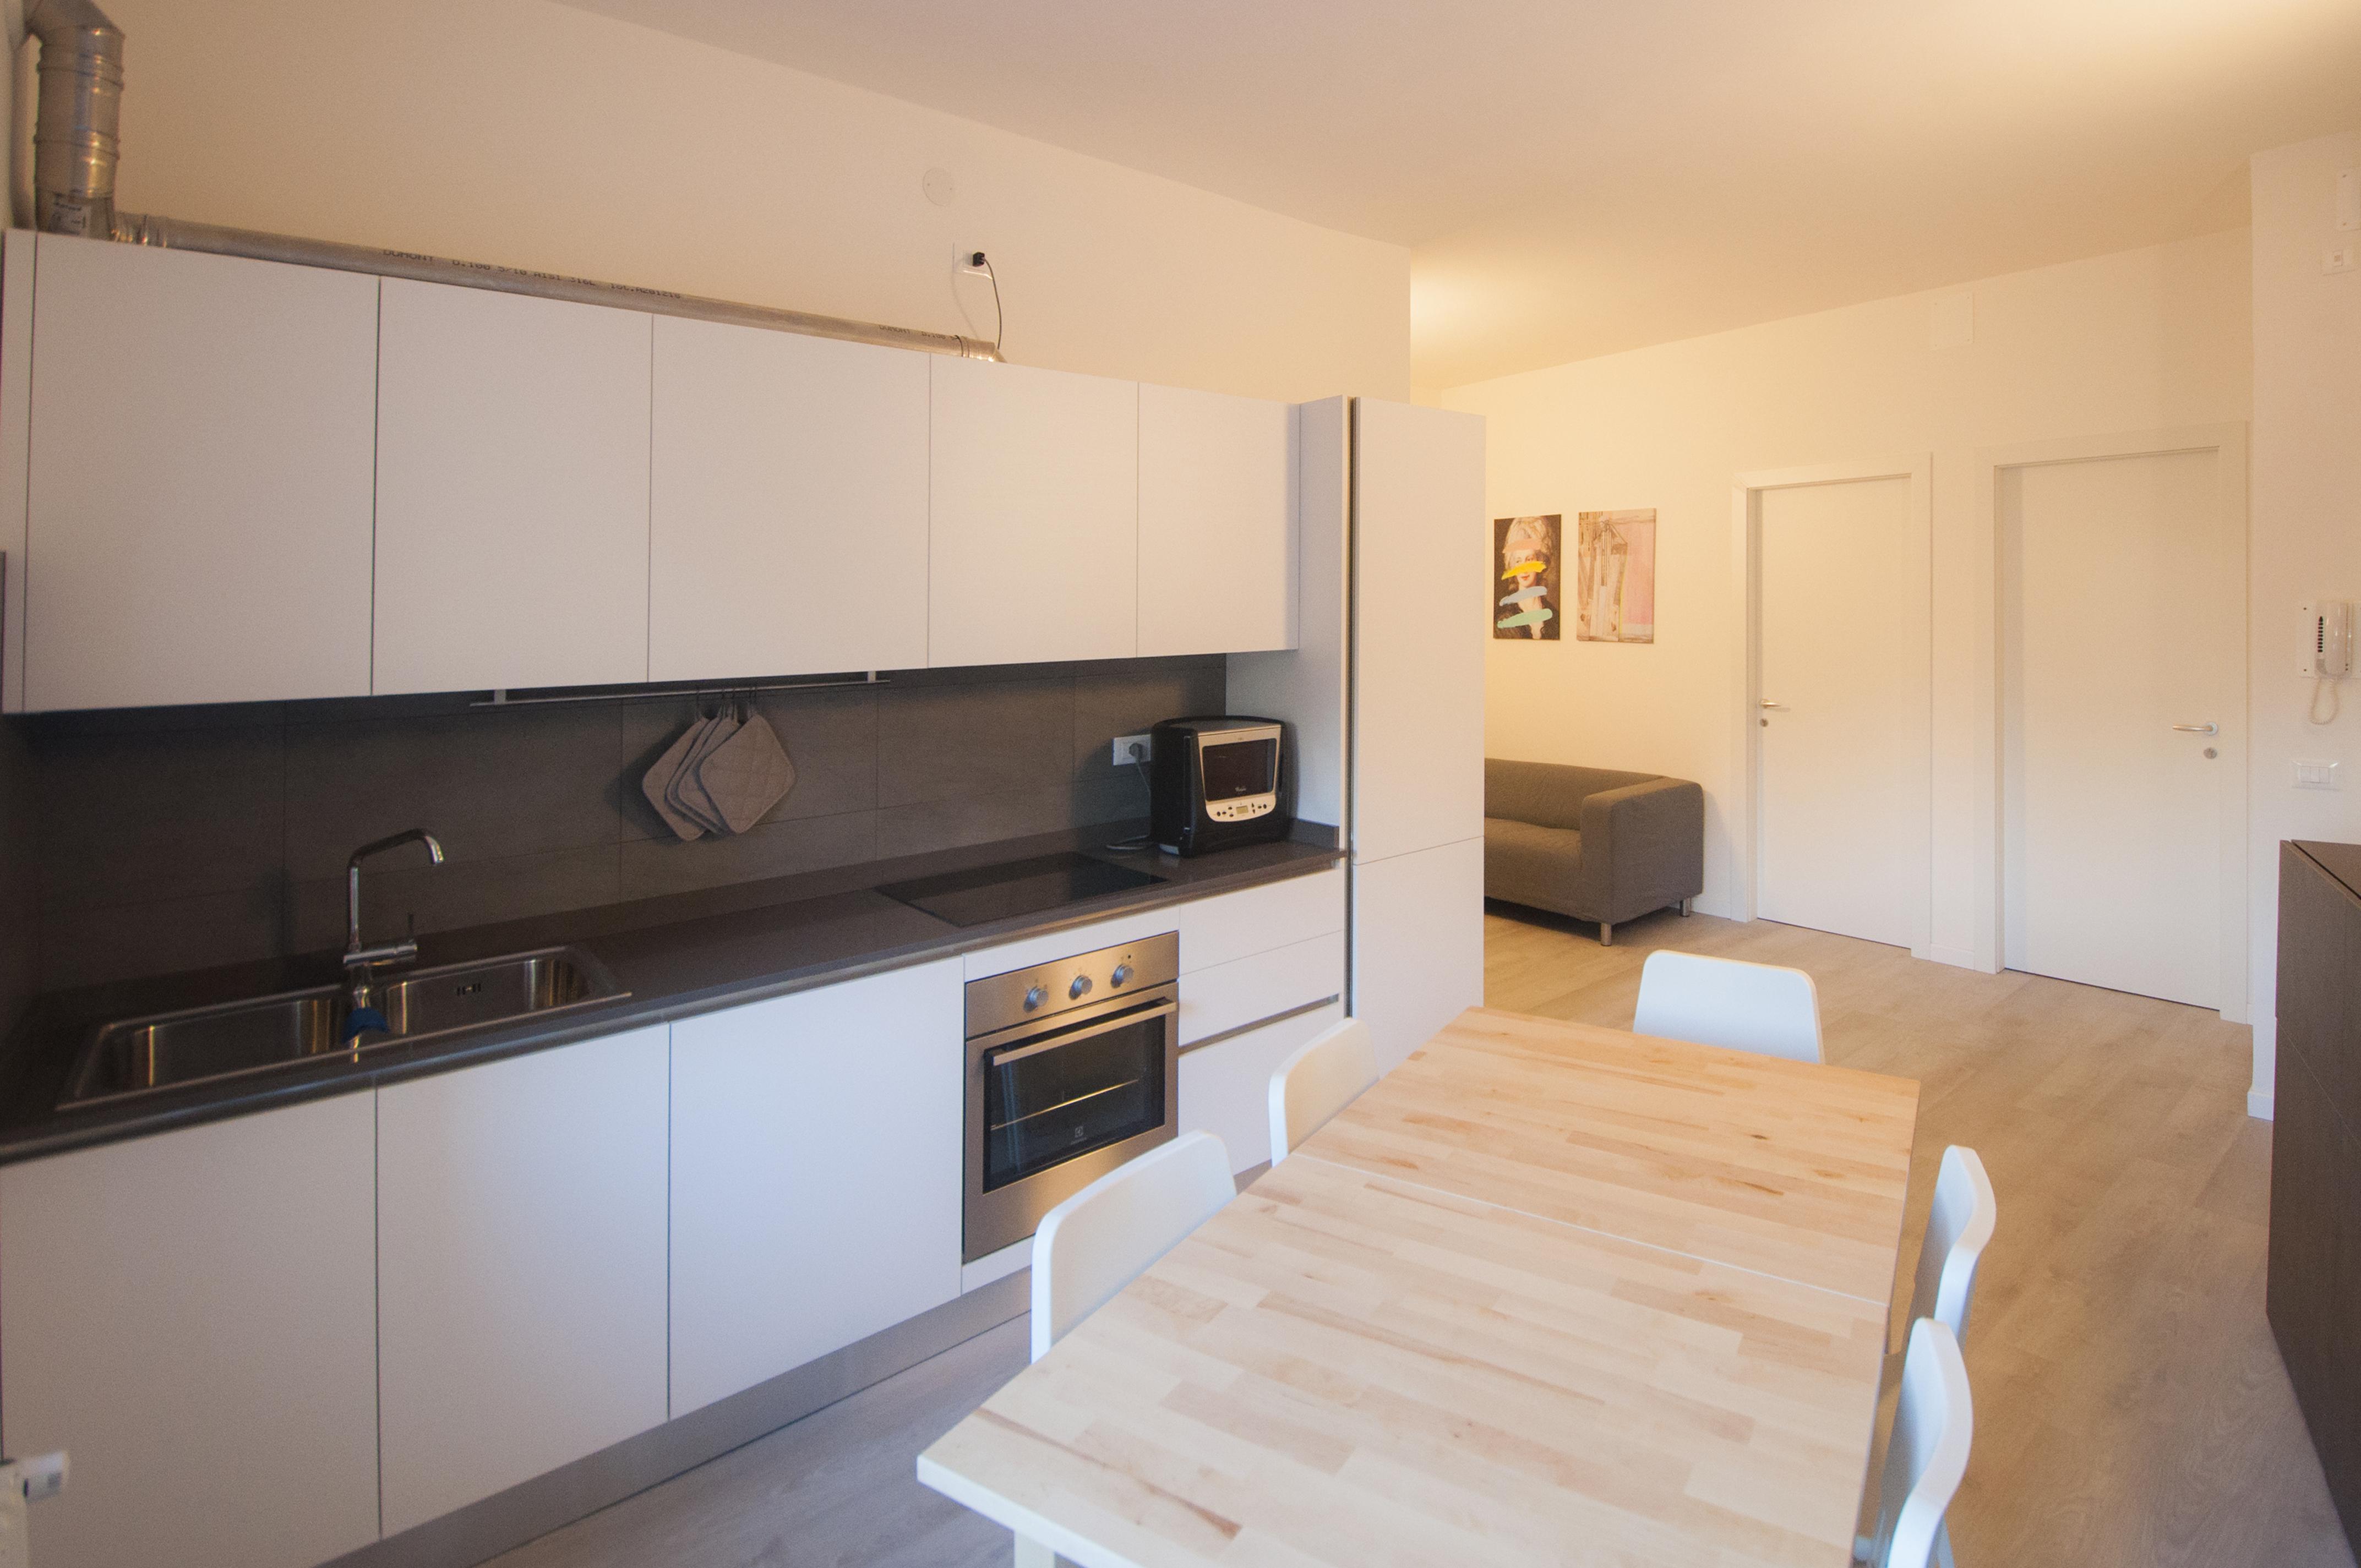 Camere in affitto-Treviso-Ospedale-Stazione-Studio-Architettura-Zanatta_10